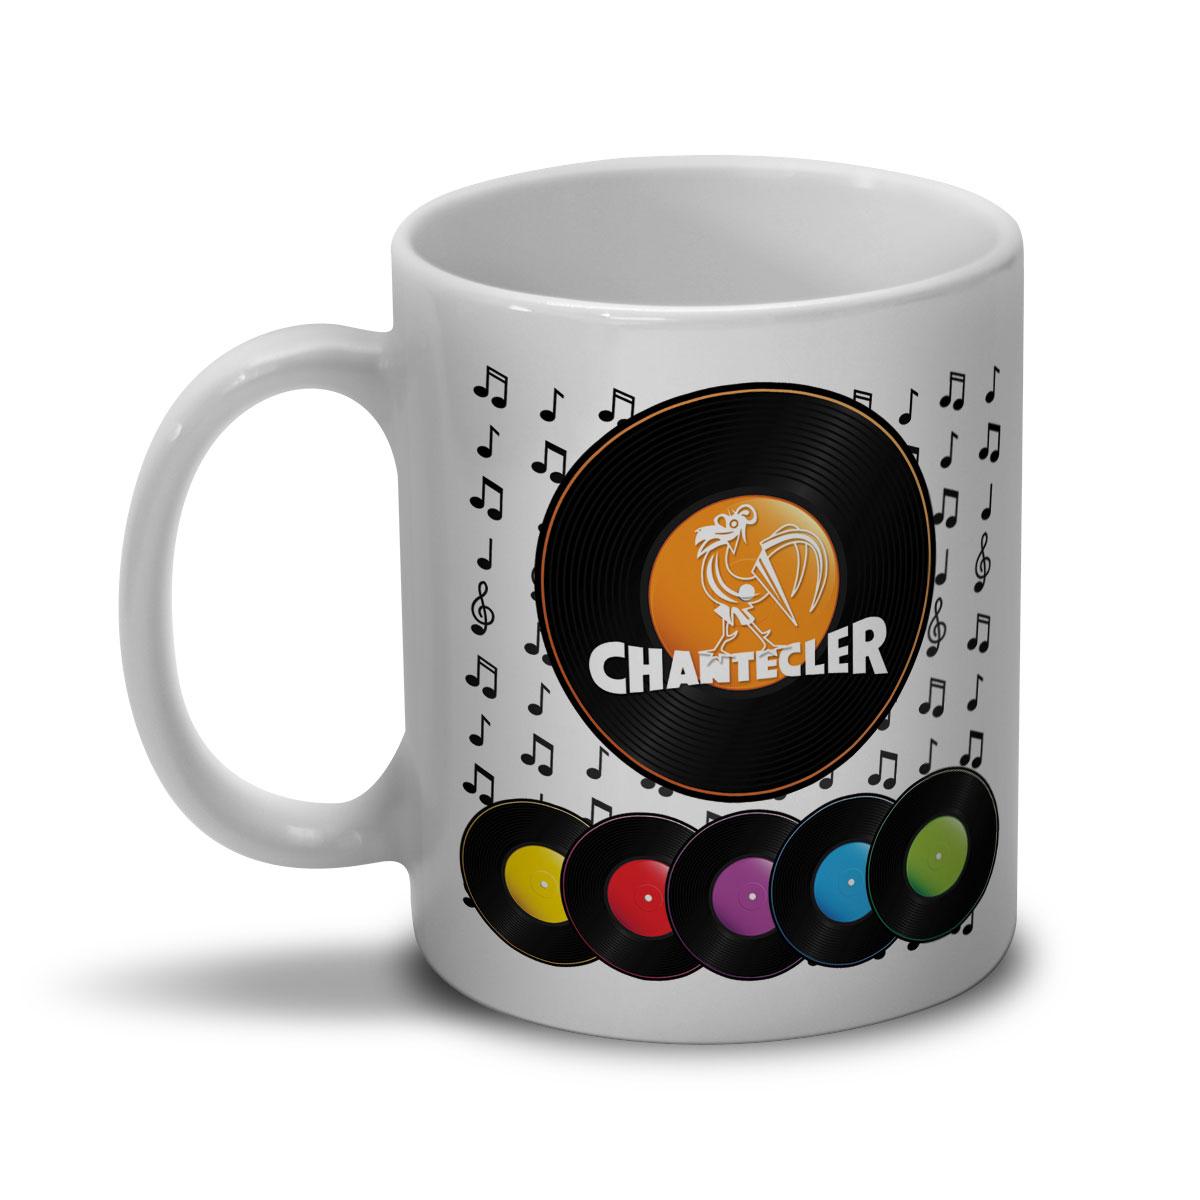 Caneca Chantecler 2